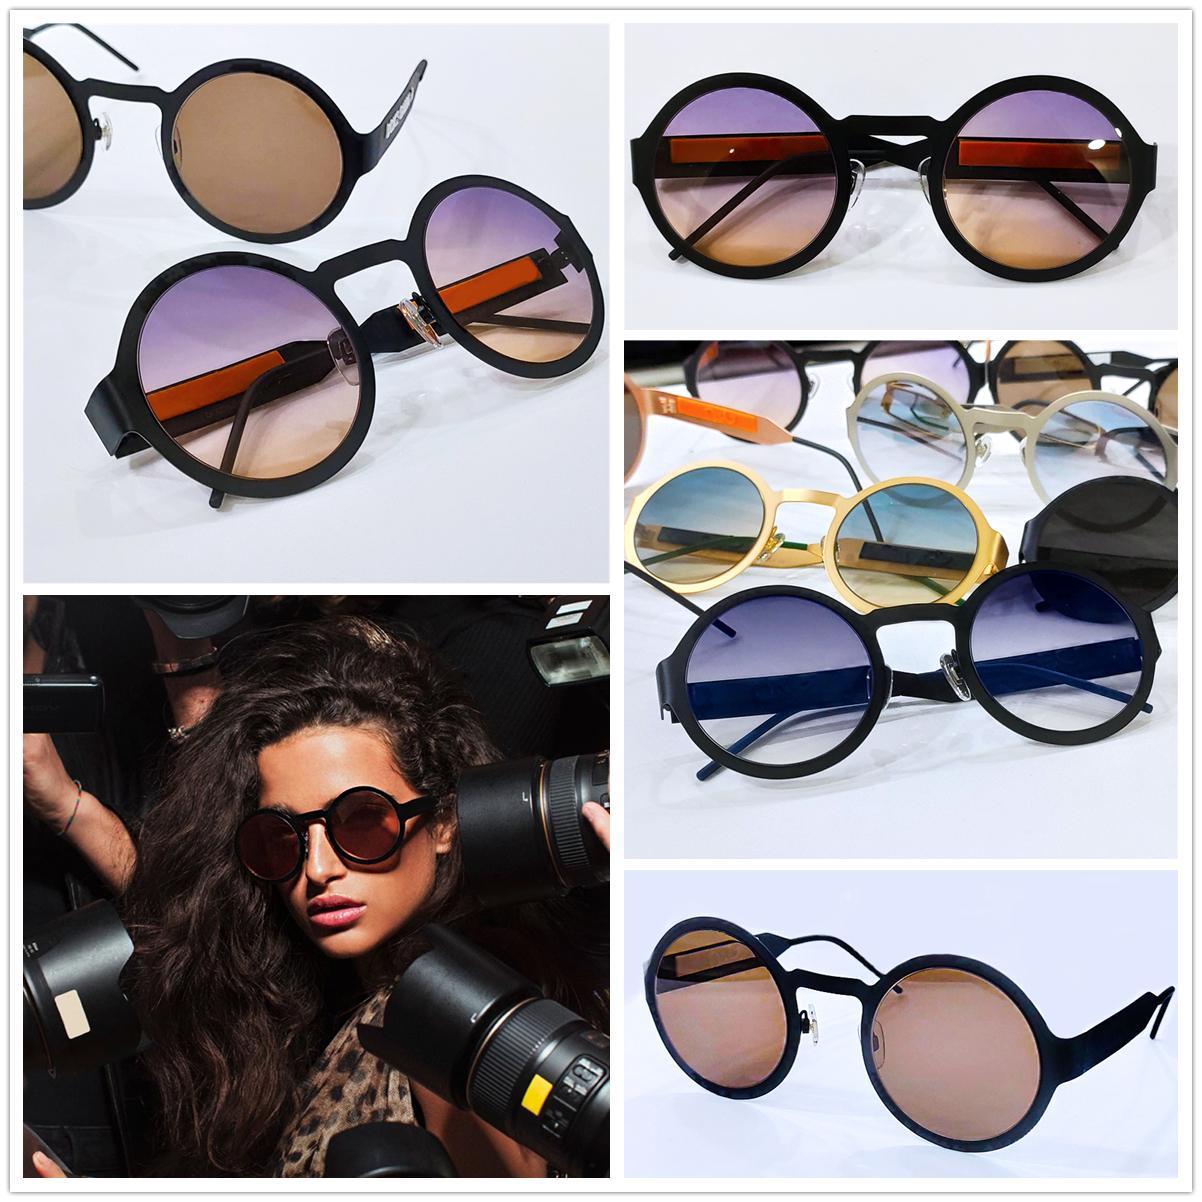 Роскошные Миллионеры очки для женщин полного кадра Урожая дизайнерских очков для мужчин Блестящих Золотого логотипа Горячего надувательства Позолоченных Top 2234